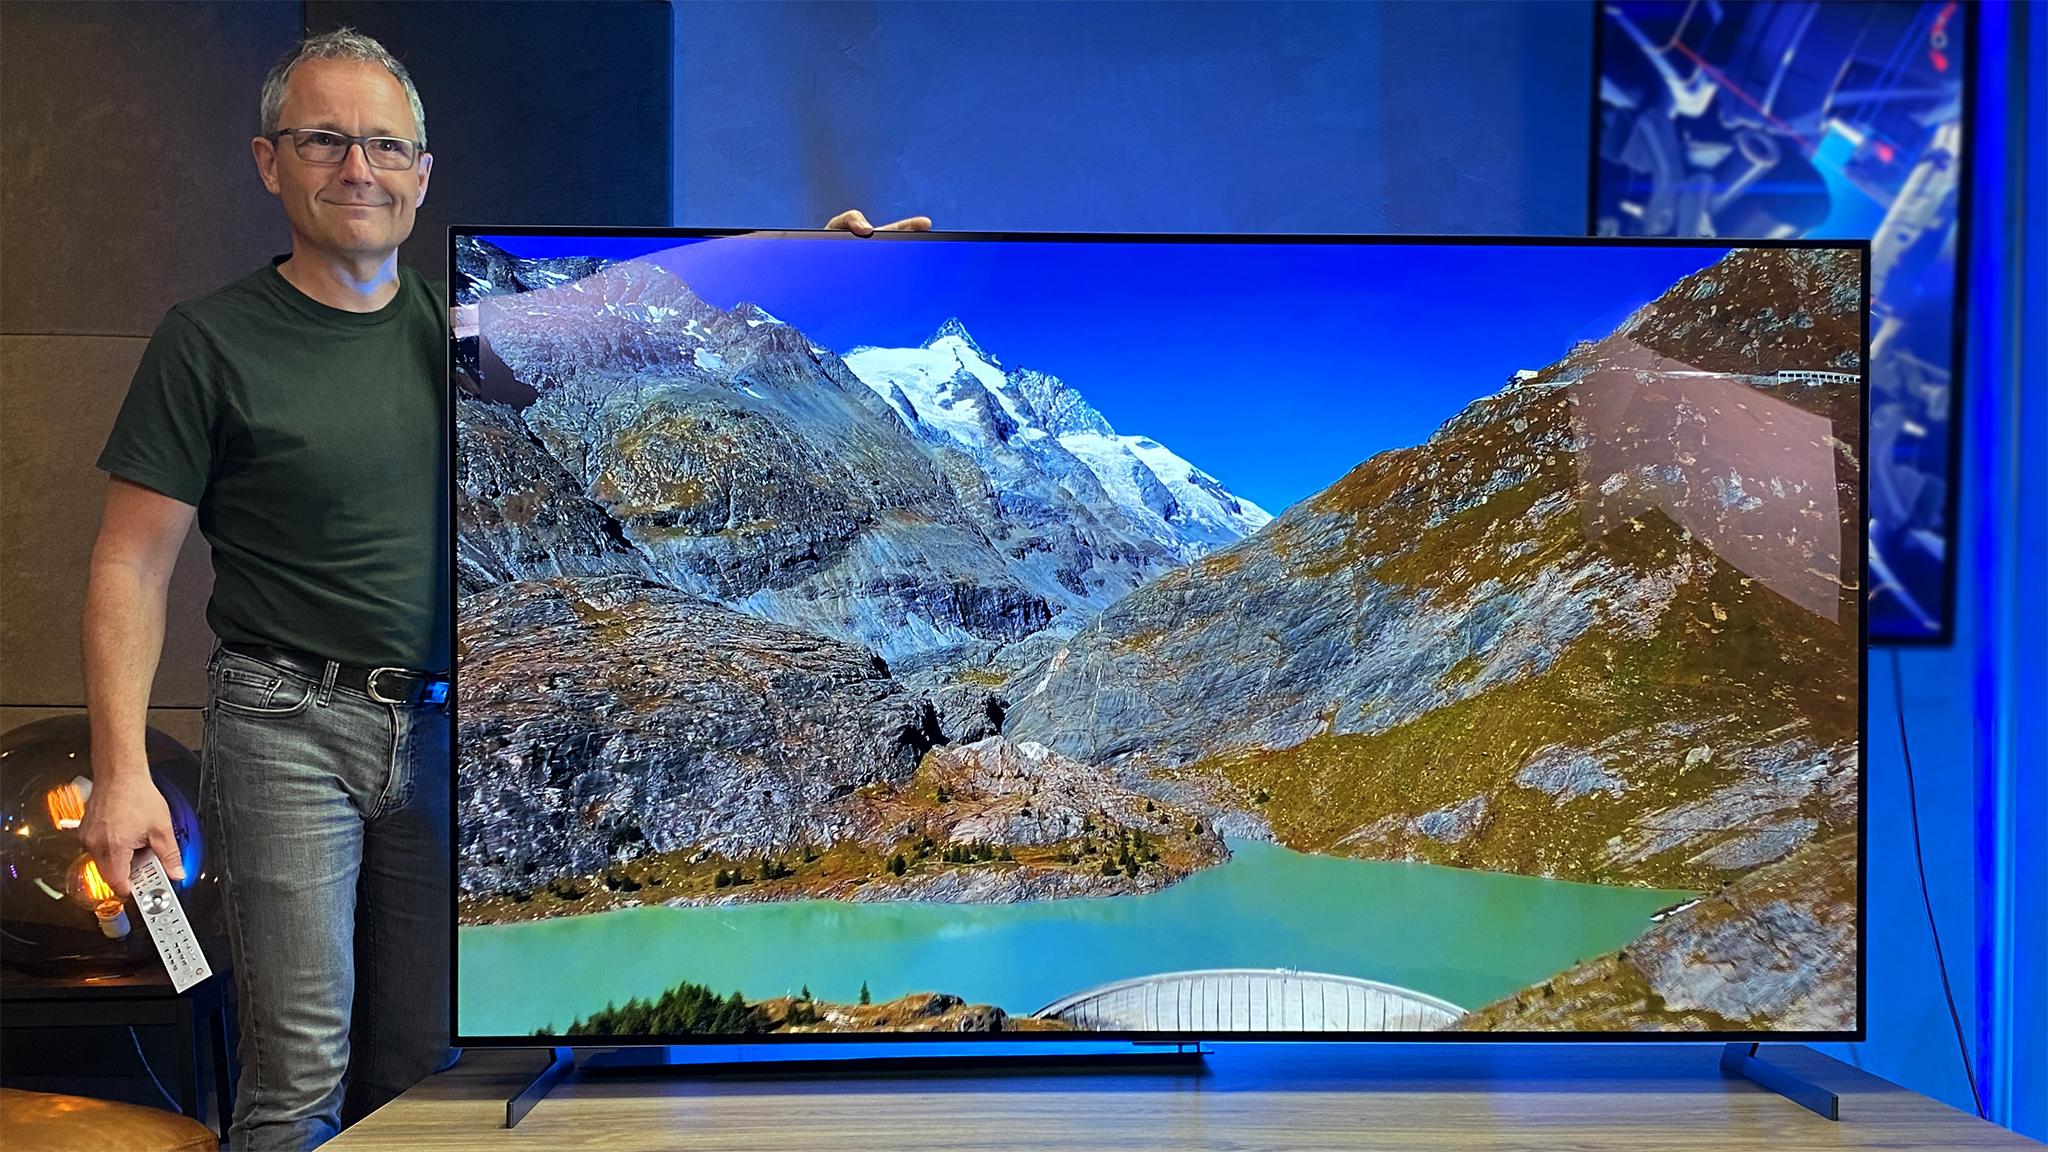 LG OLED Z1 im Test: Ist das der beste Fernseher der Welt?